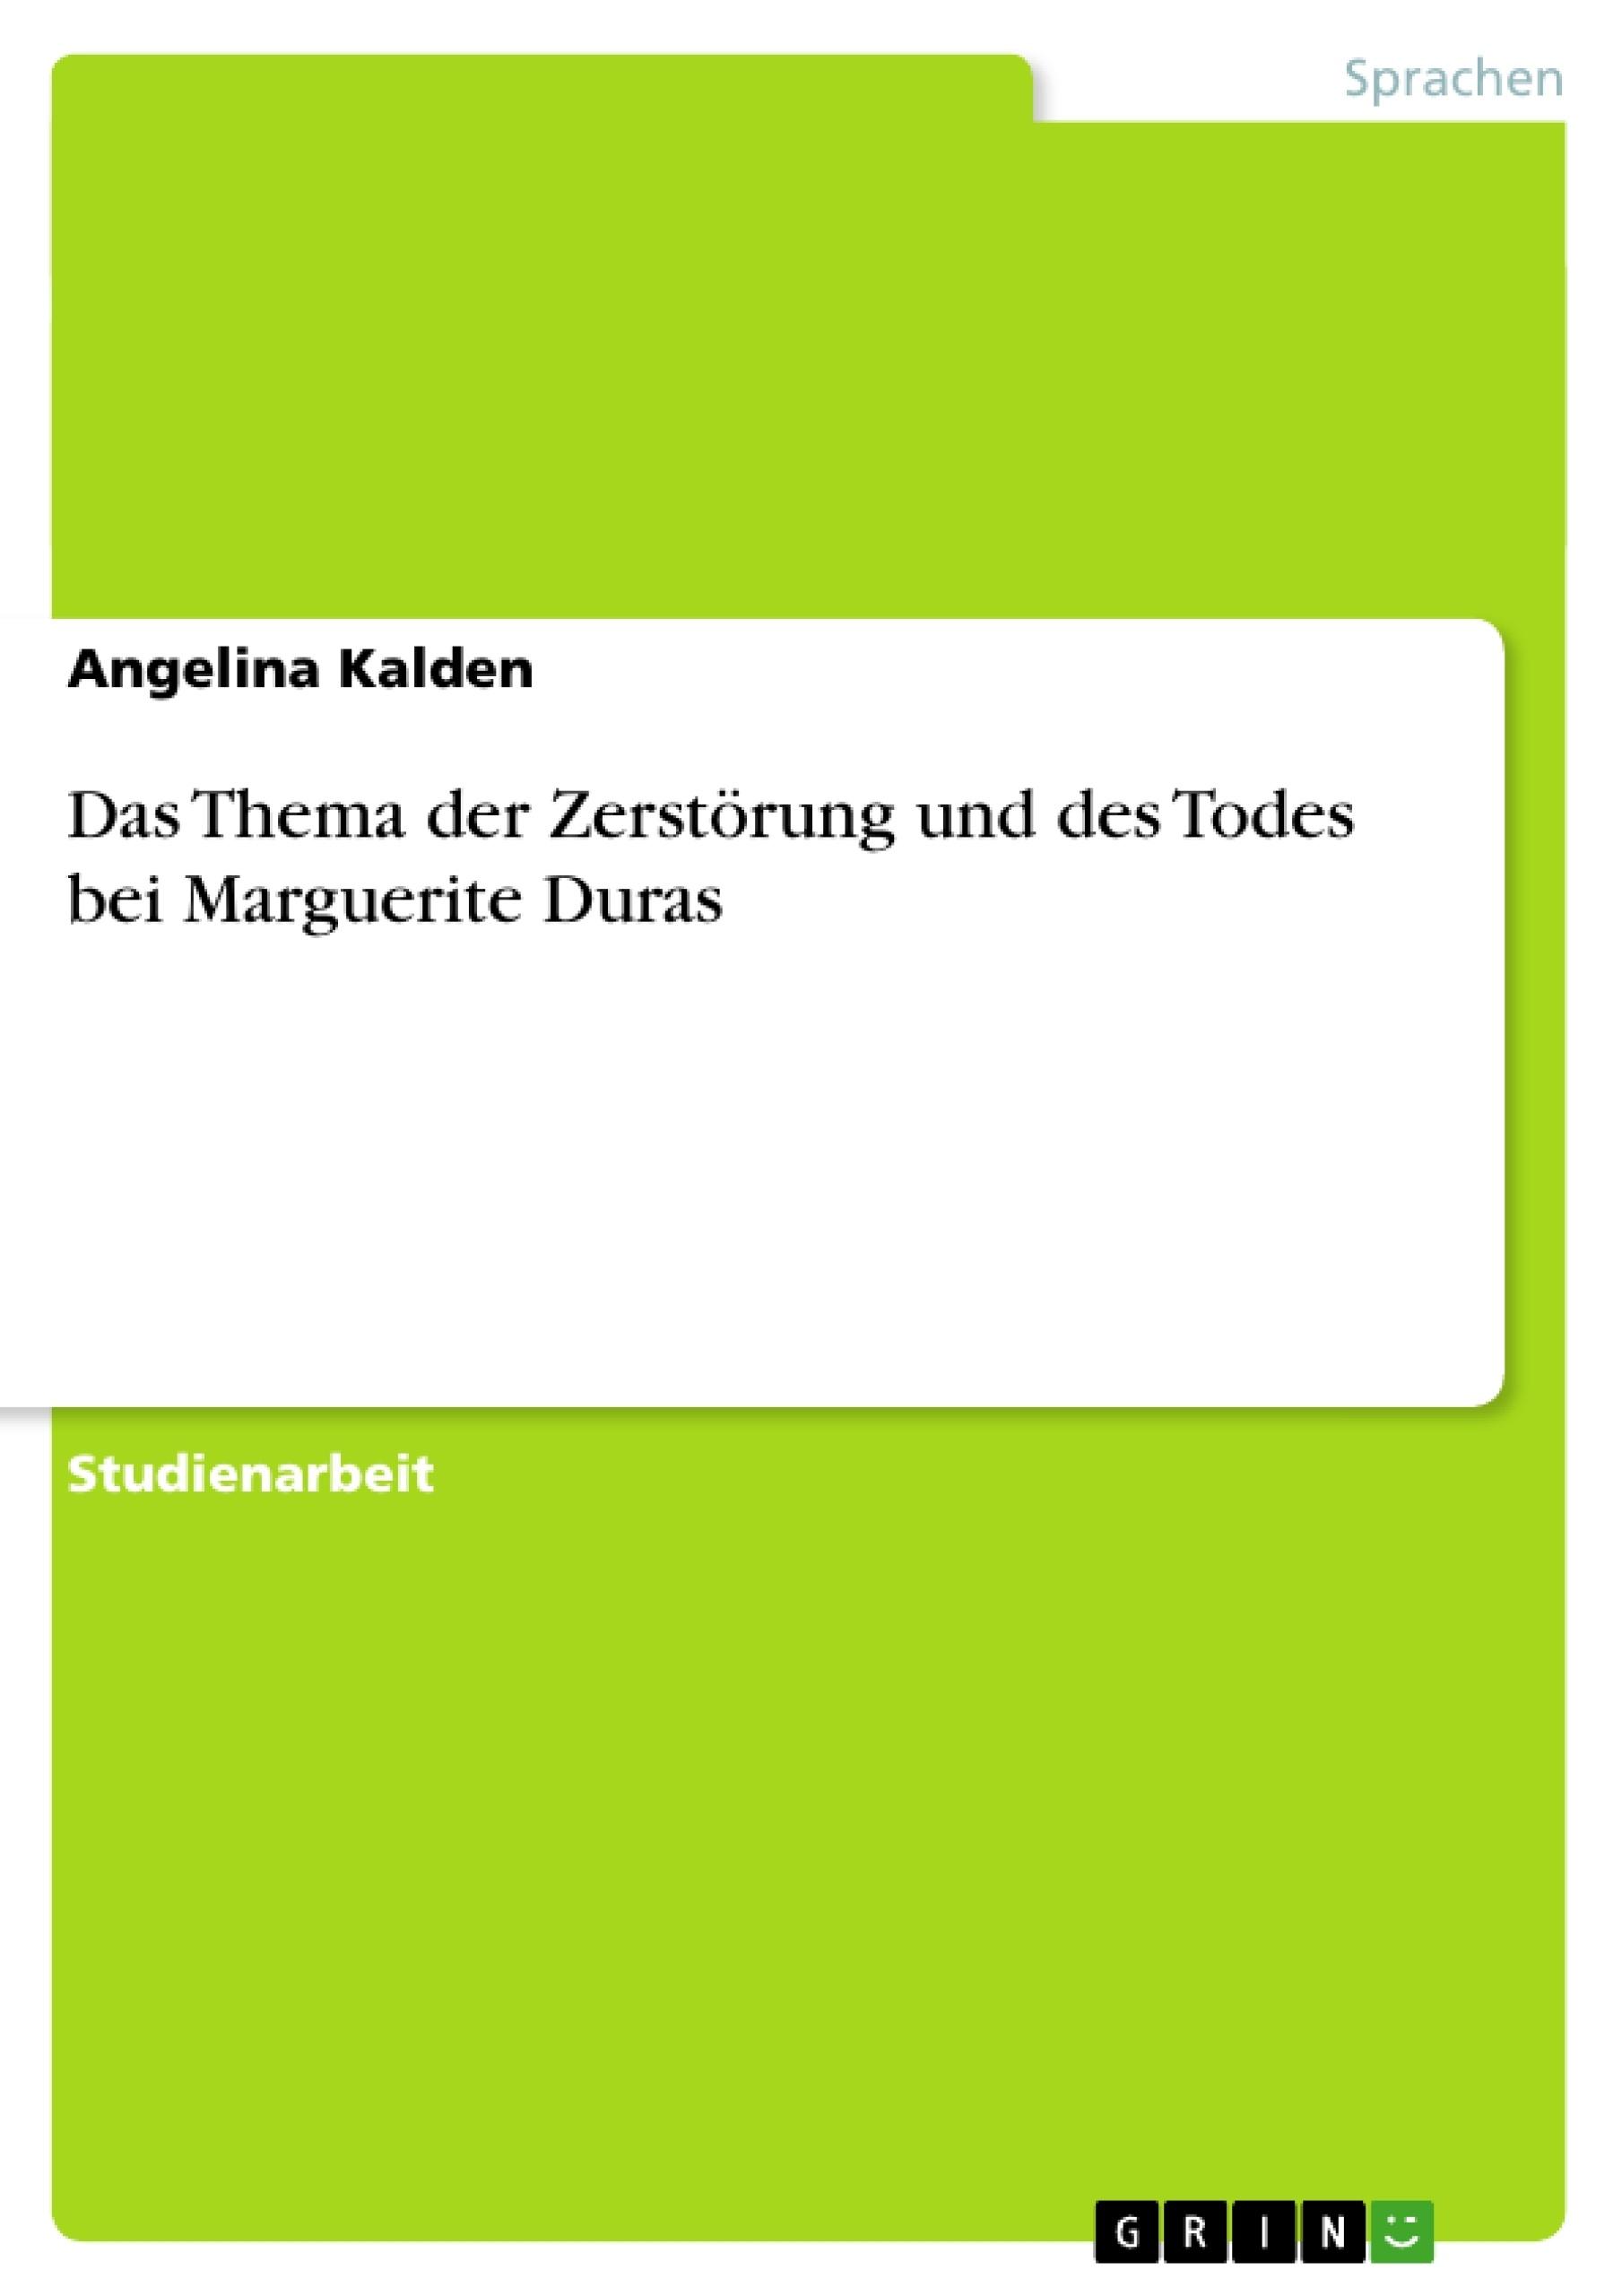 Titel: Das Thema der Zerstörung und des Todes bei Marguerite Duras